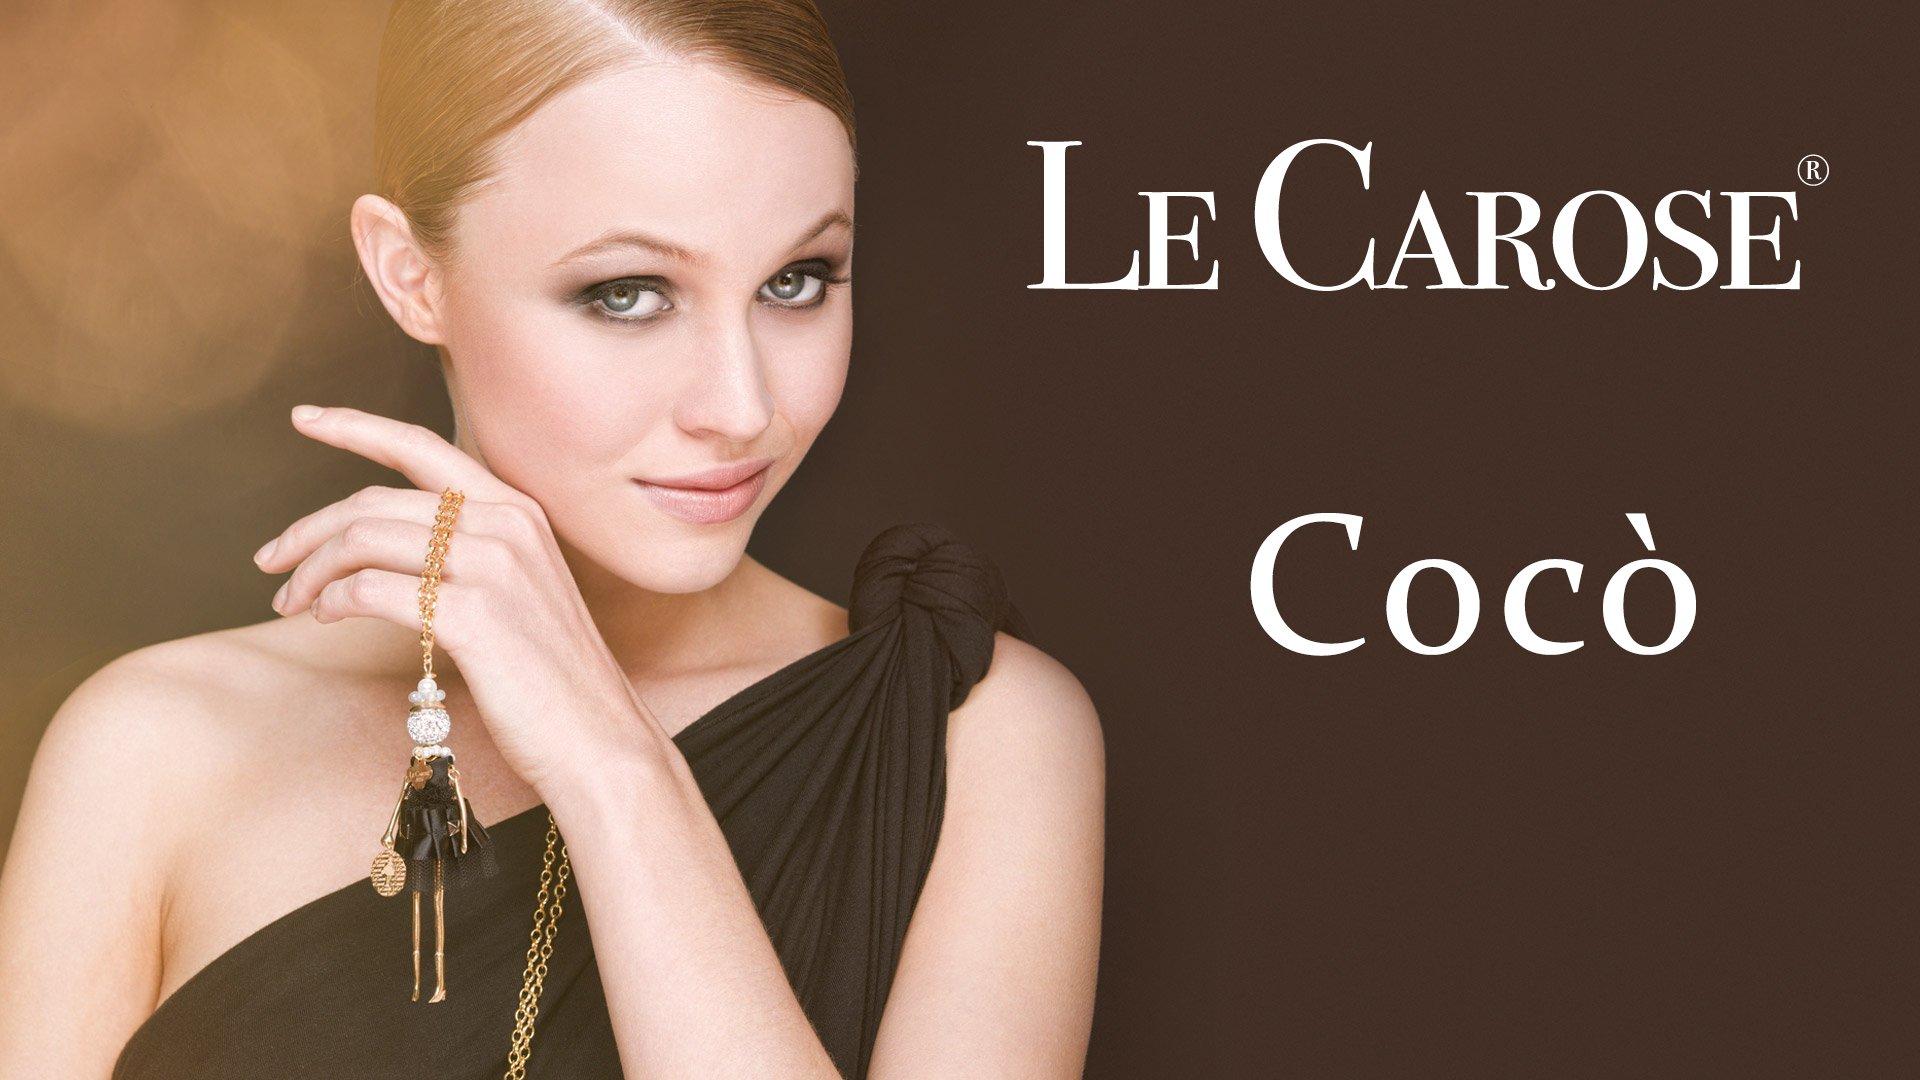 Locandina pubblicitaria di gioielli con sfondo marrona e una ragazza bionda in primo piano